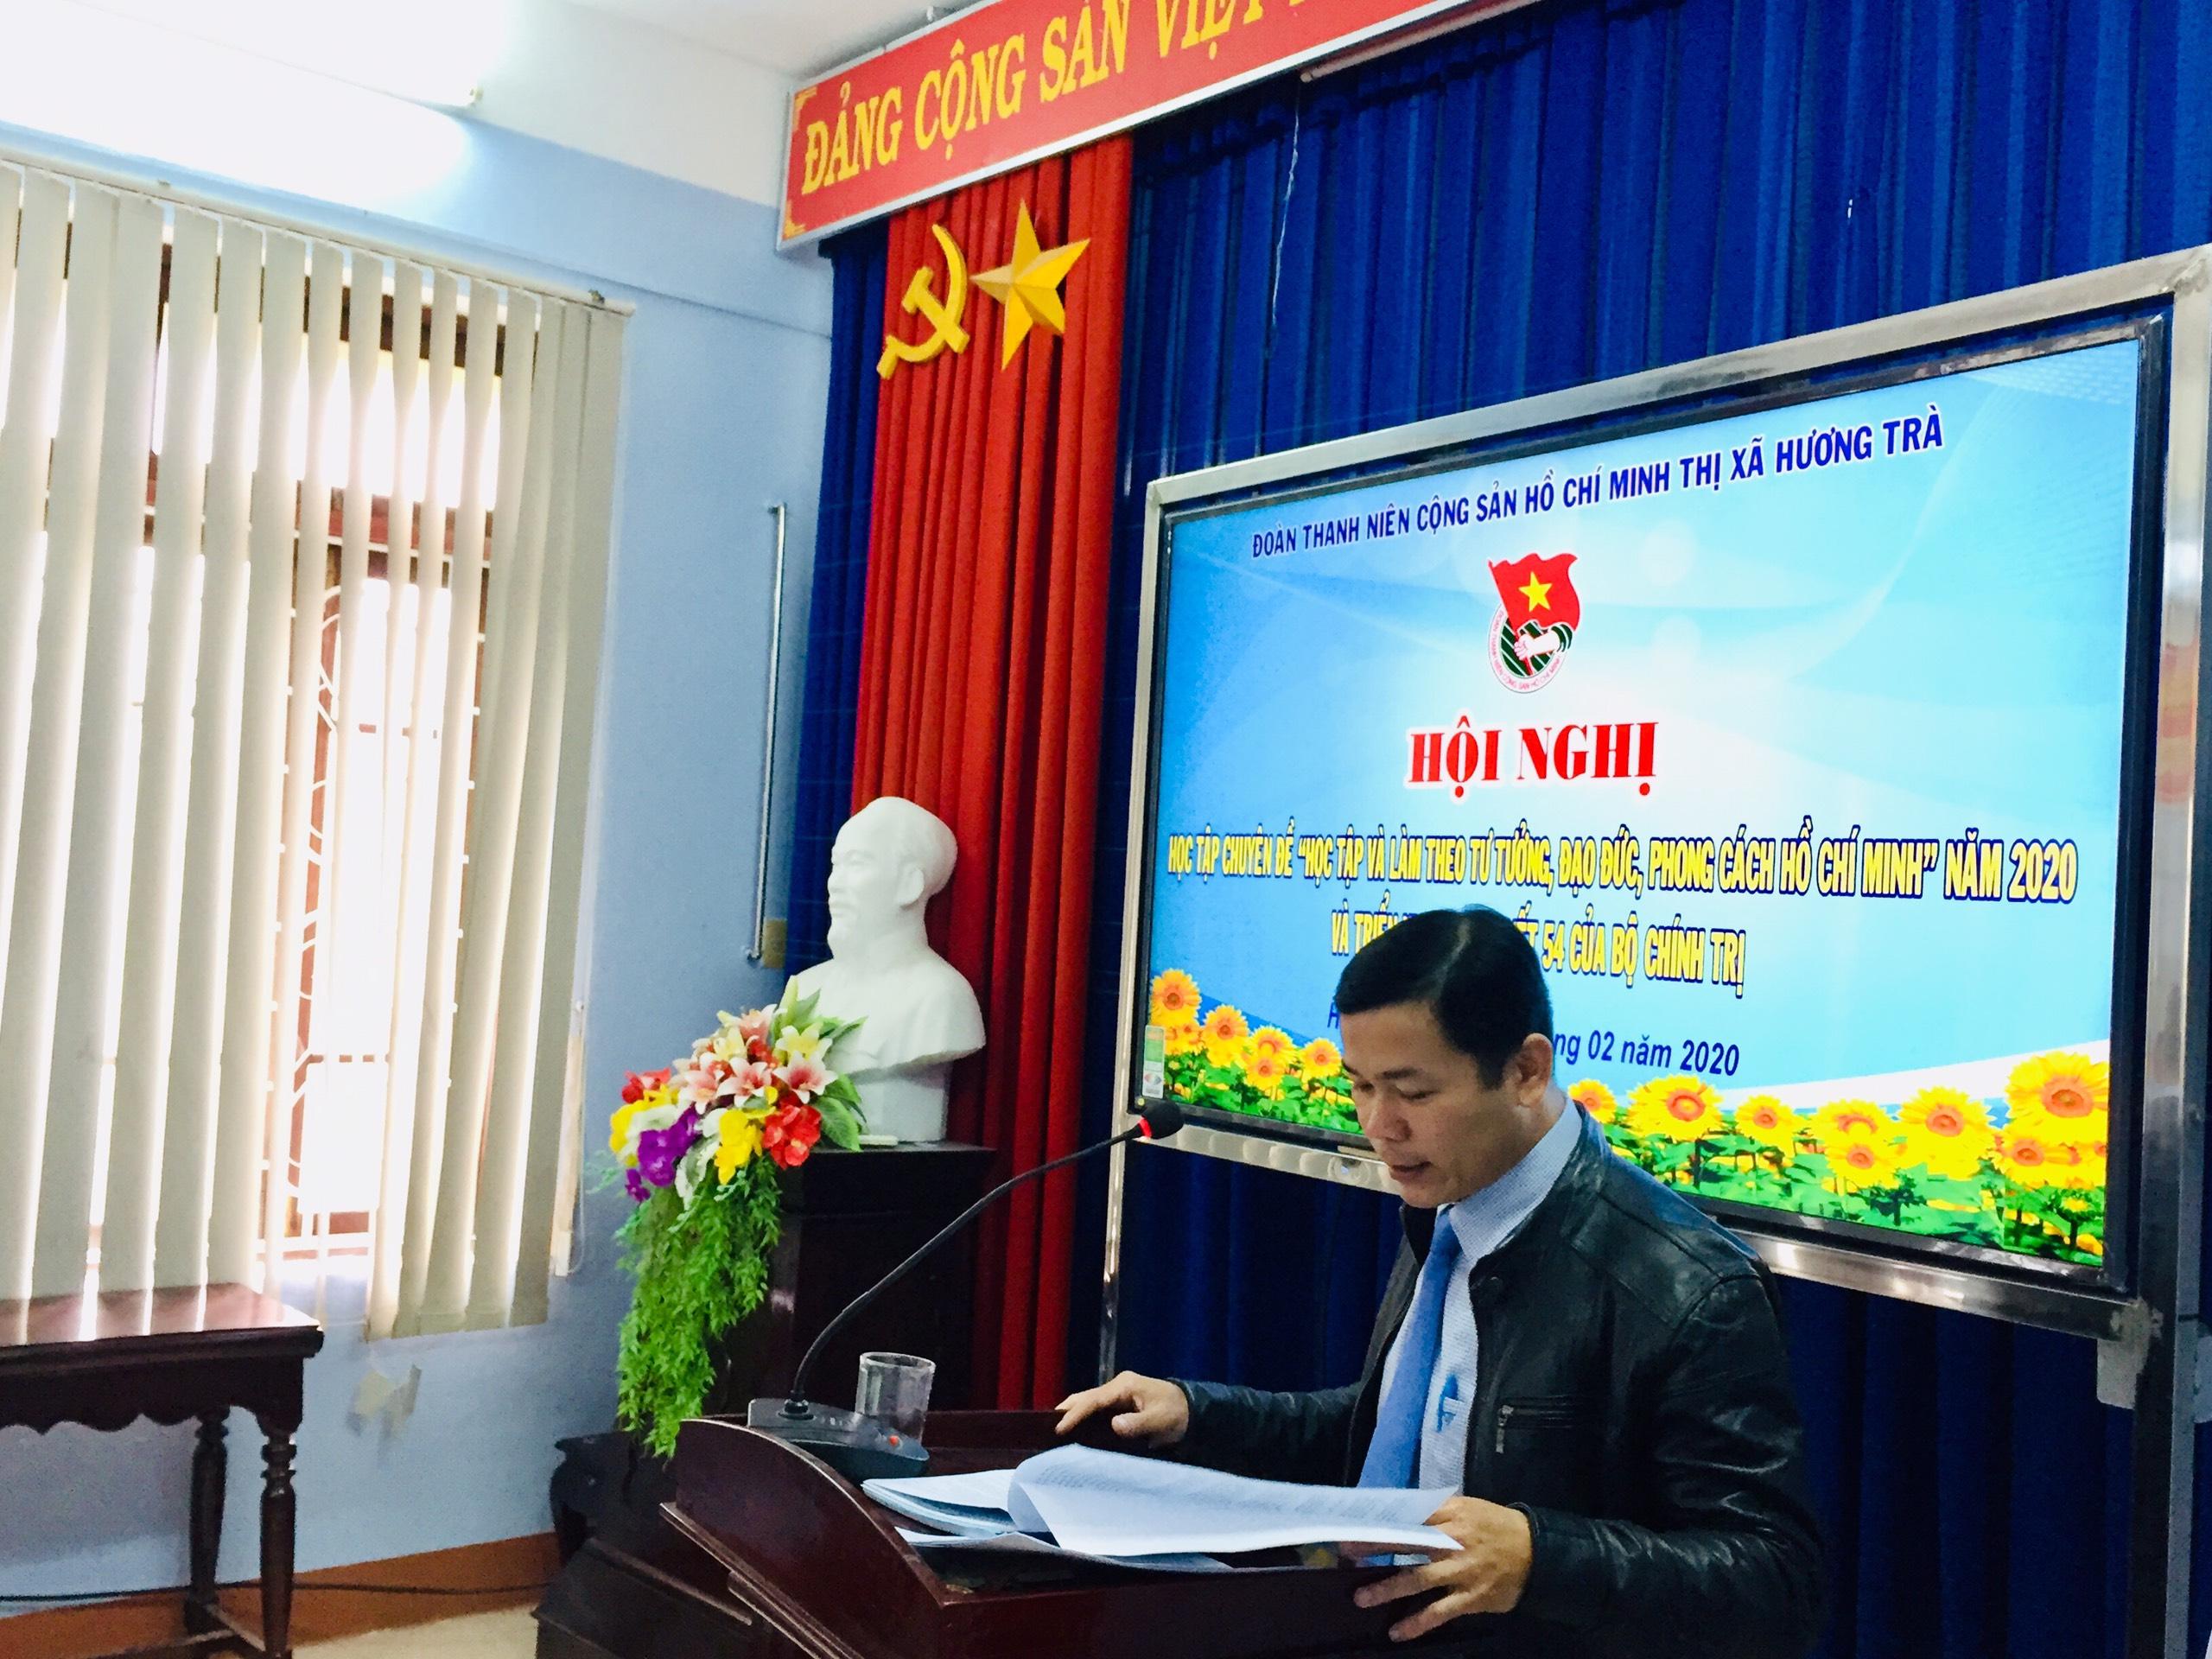 Tổ chức Hội nghị học tập chuyên đề năm 2020, triển khai Nghị quyết 54 của Bộ Chính Trị và tập huấn, bồi dưỡng nghiệp vụ công tác Đoàn.